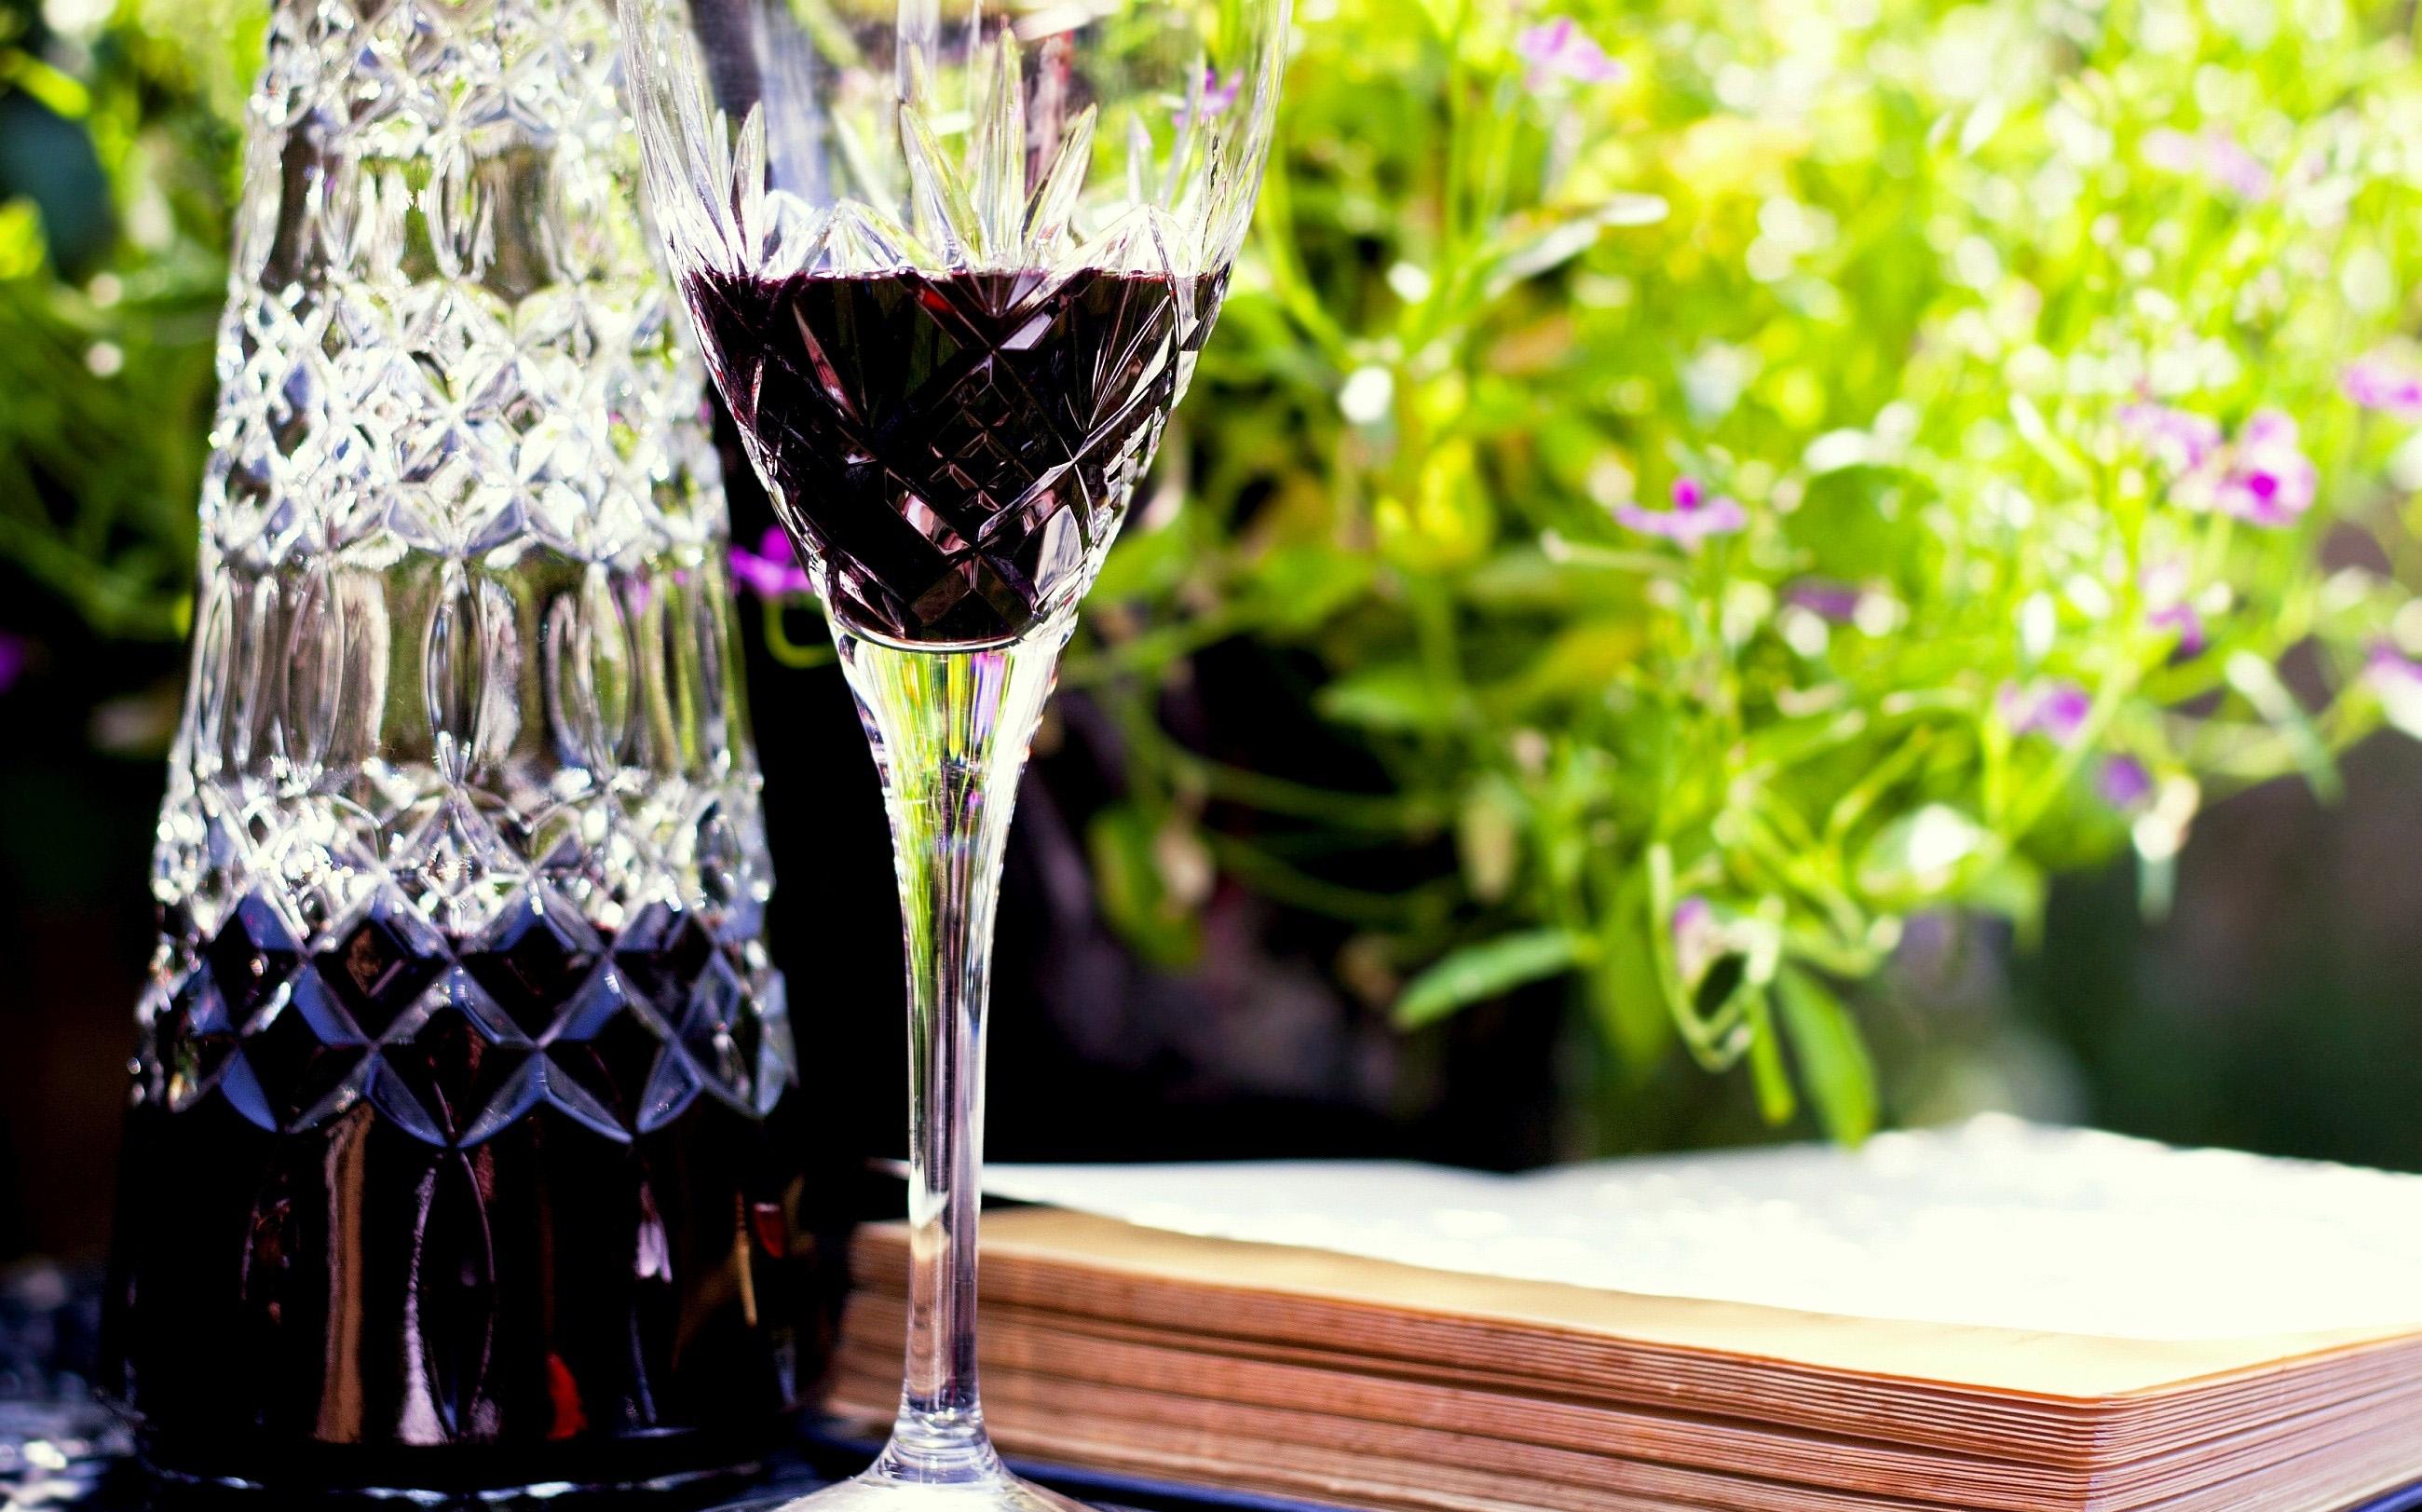 Хрустальный бокал с вином